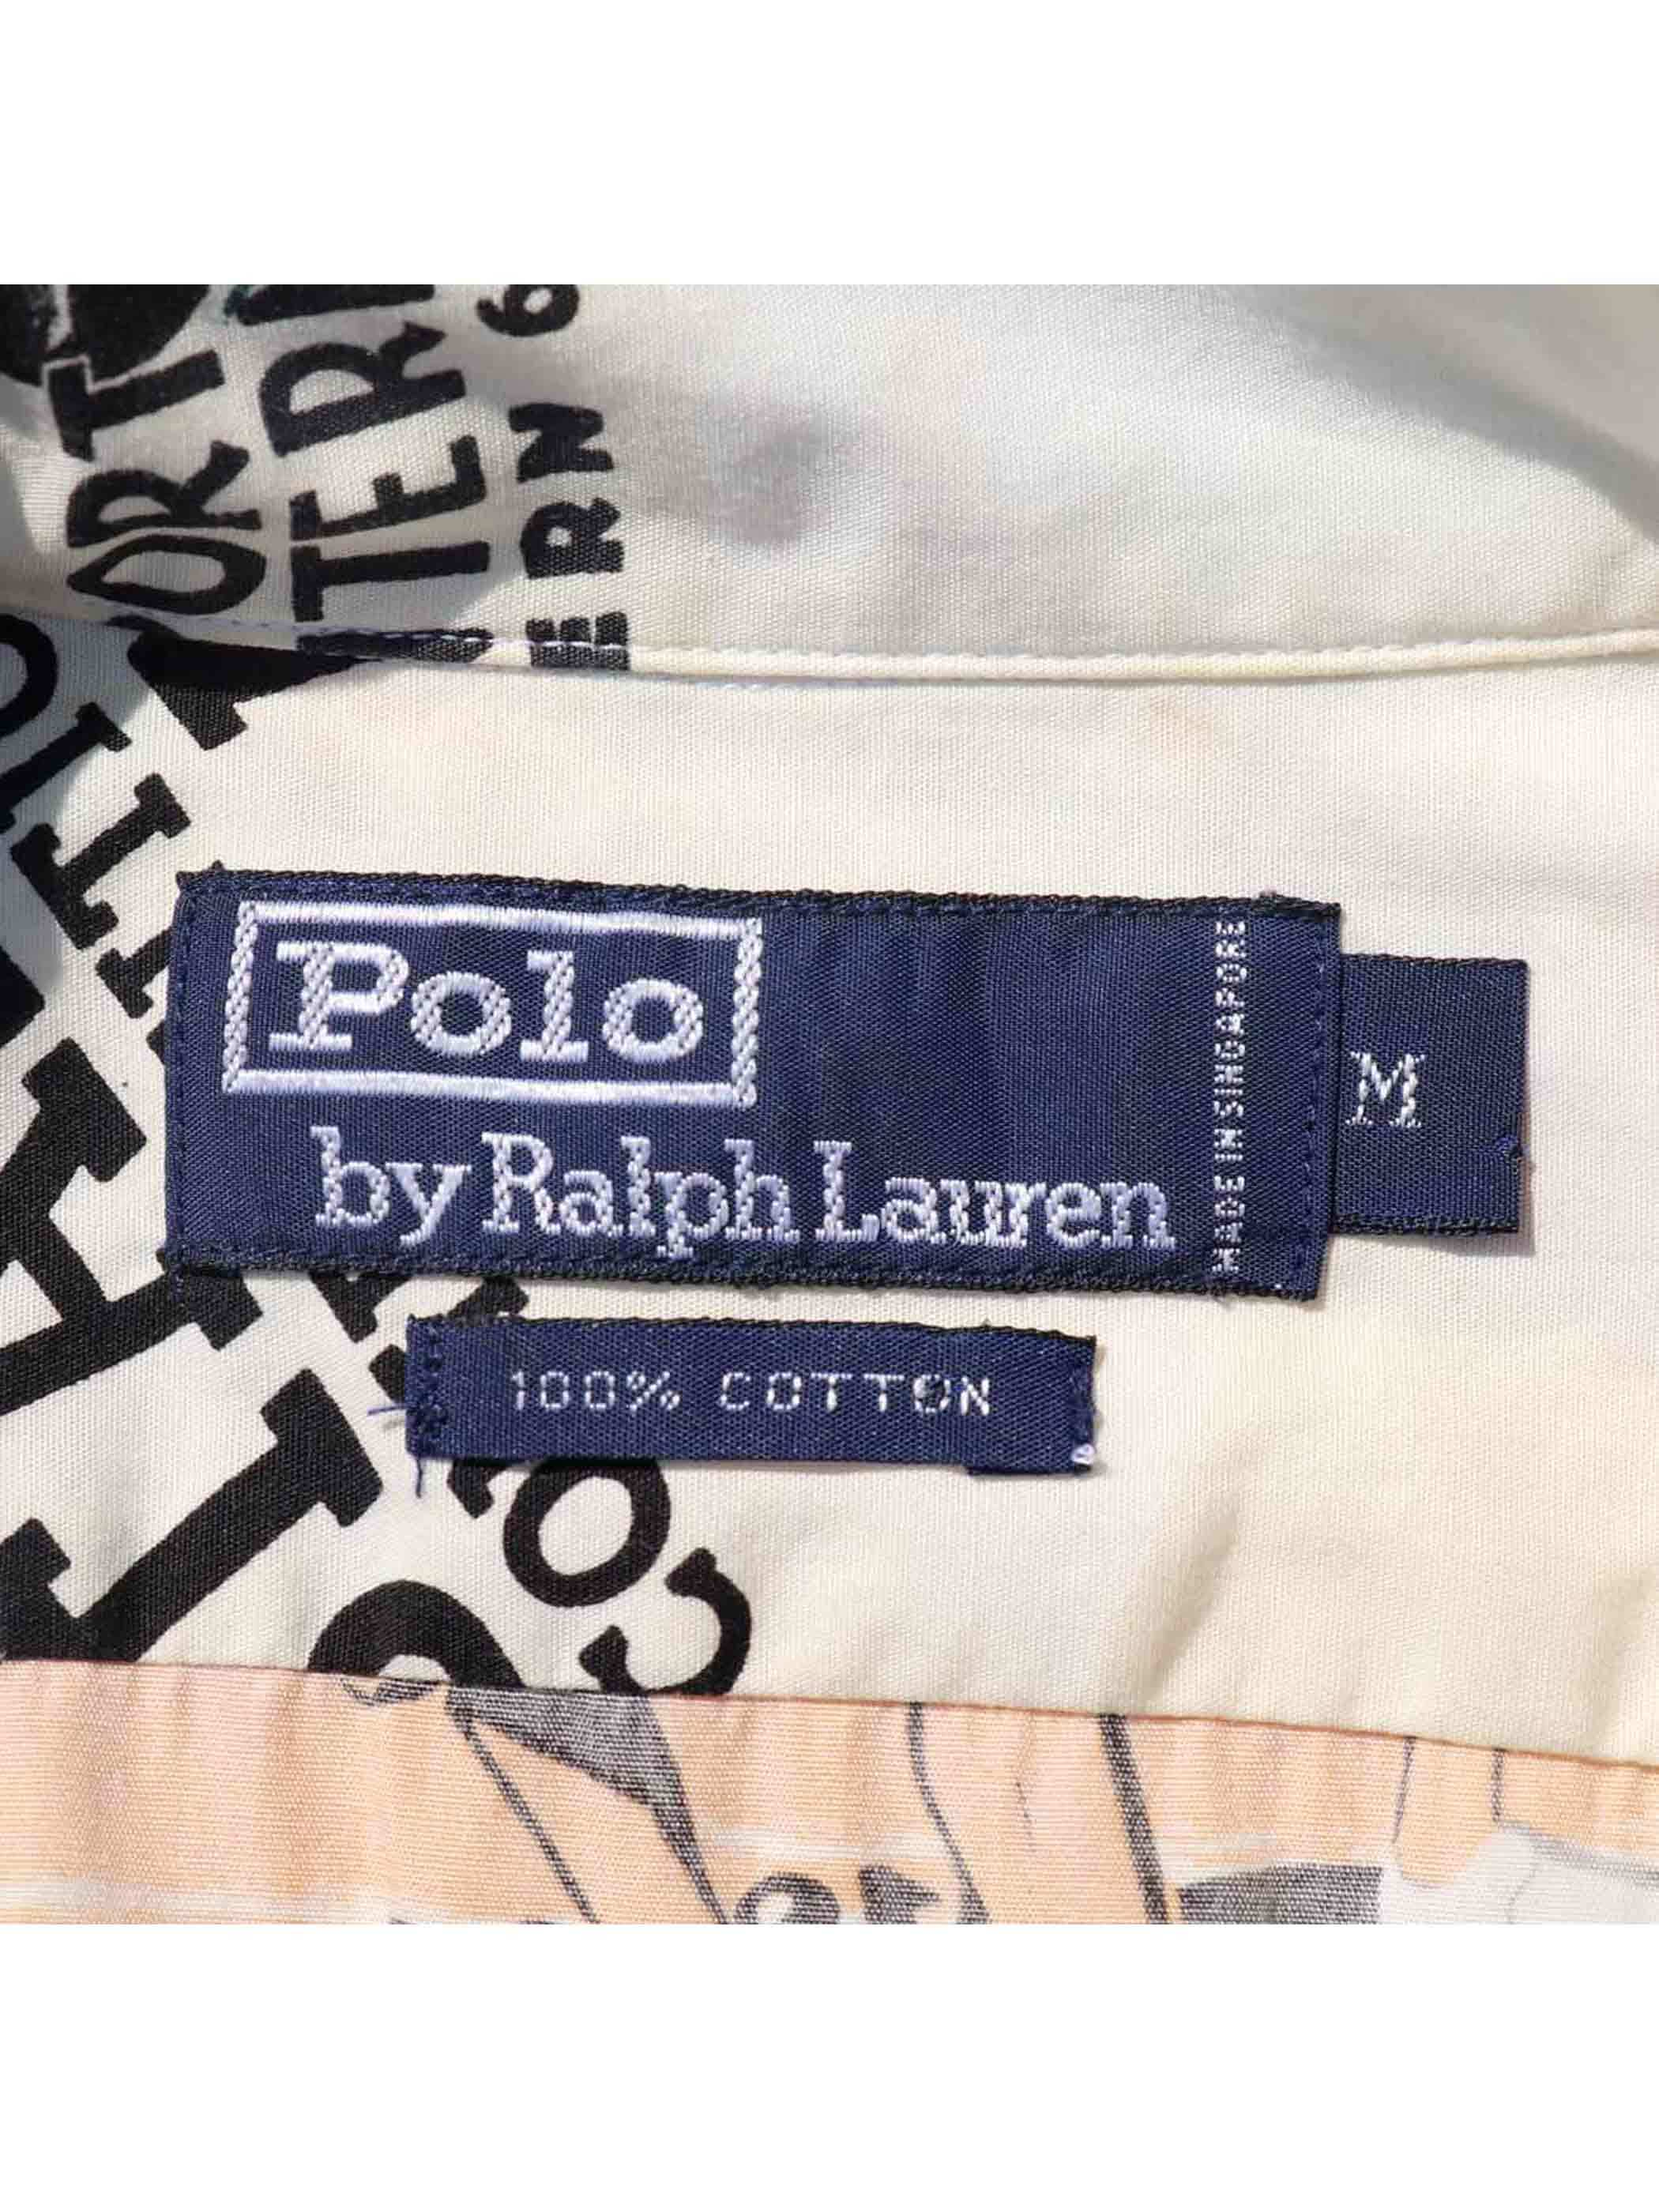 """90's RALPH LAUREN """"92 POLO STADIUM COLLECTION"""" S/Sシャツ [M]"""